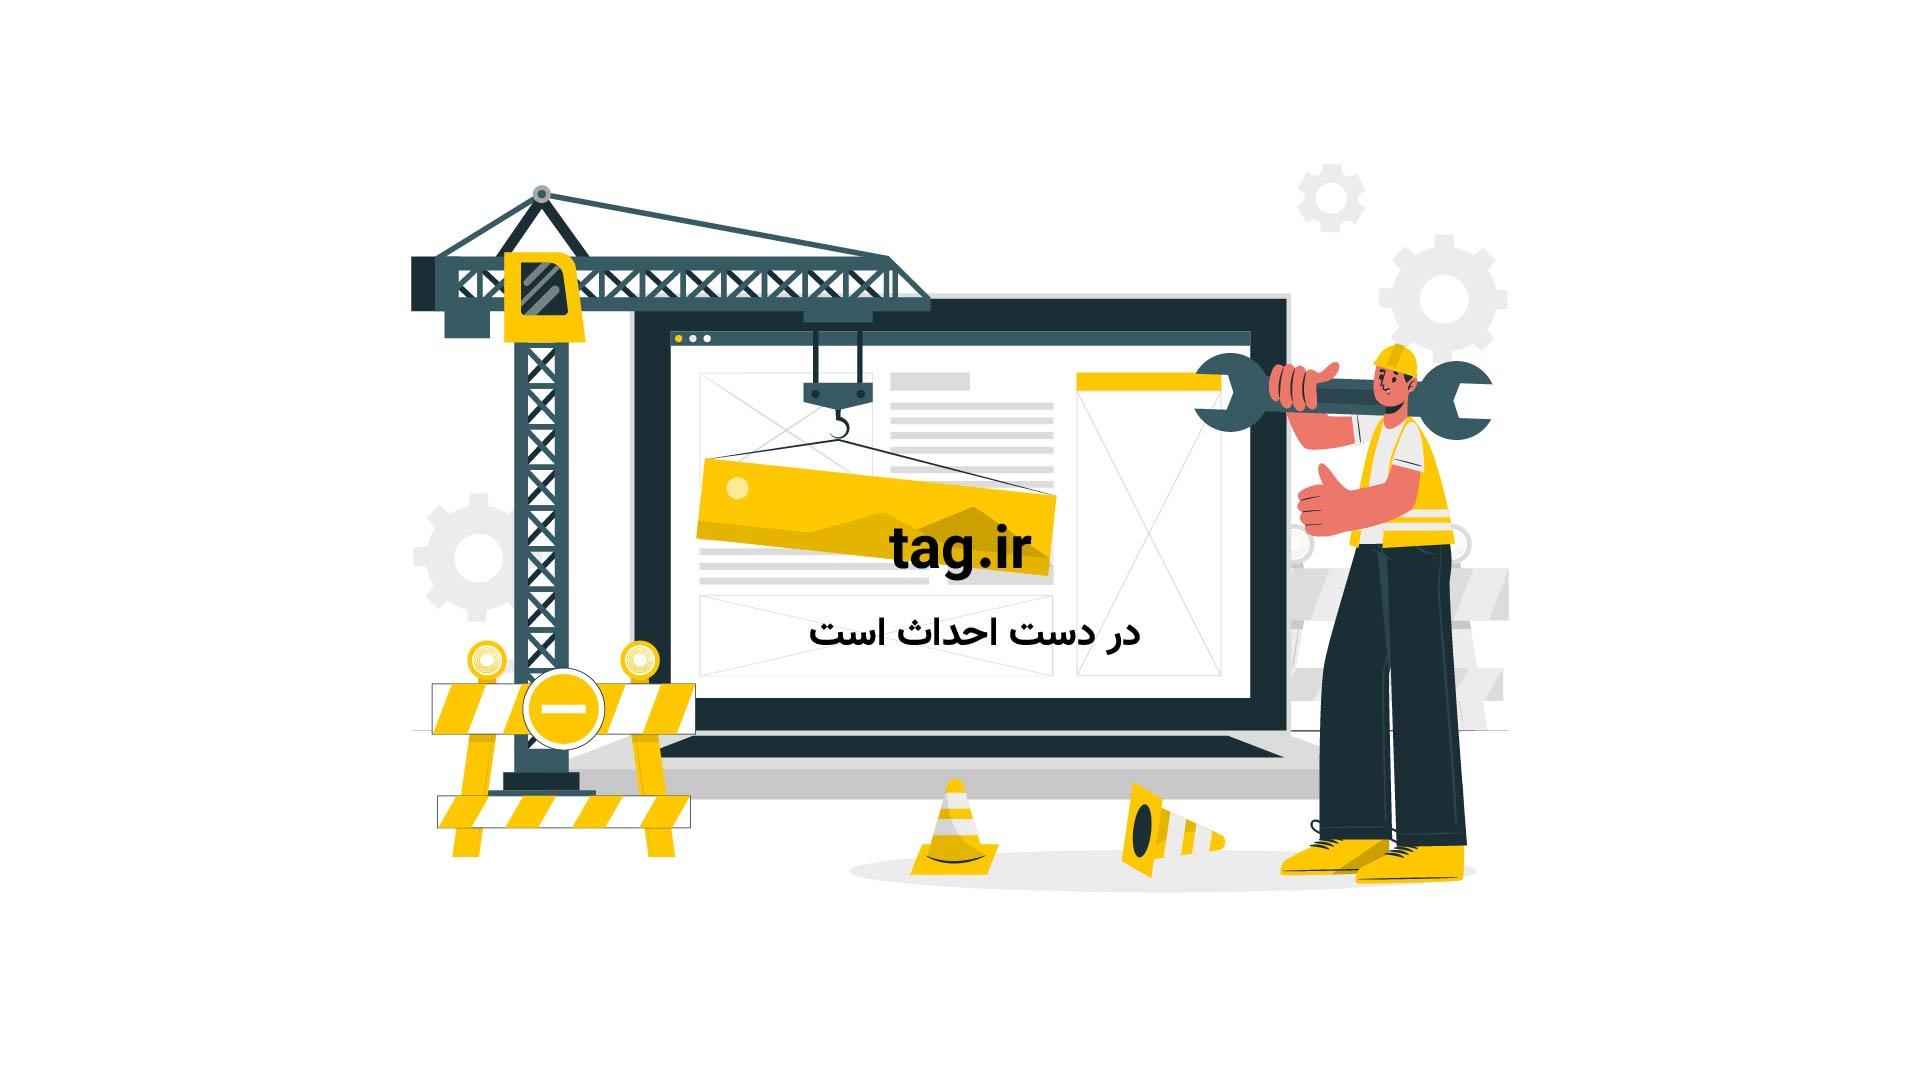 هوای برفی و لیز خوردن جالب بوئینگ ٧٣٧ بدلیل وزش شدید باد و لغزندگى سطح اپرون | فیلم